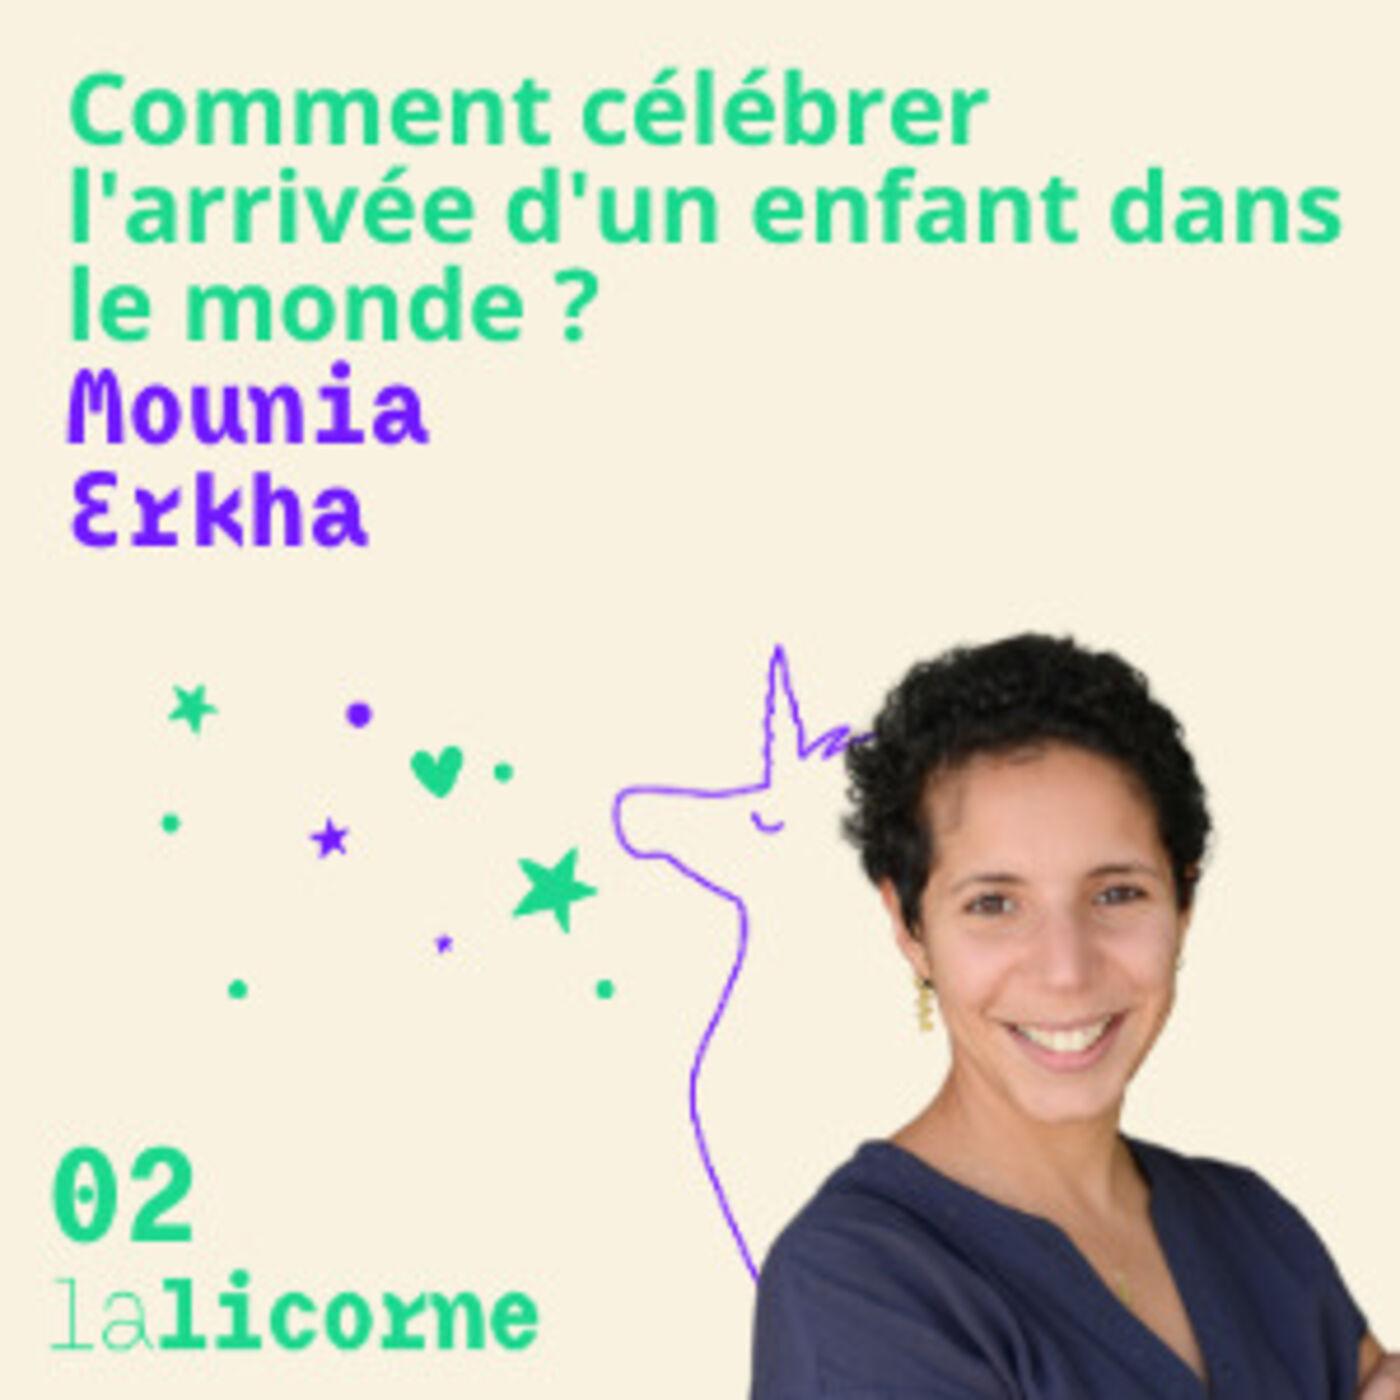 1.2 👶 Mounia Erkha - Comment célébrer l'arrivée d'un enfant dans le monde ?